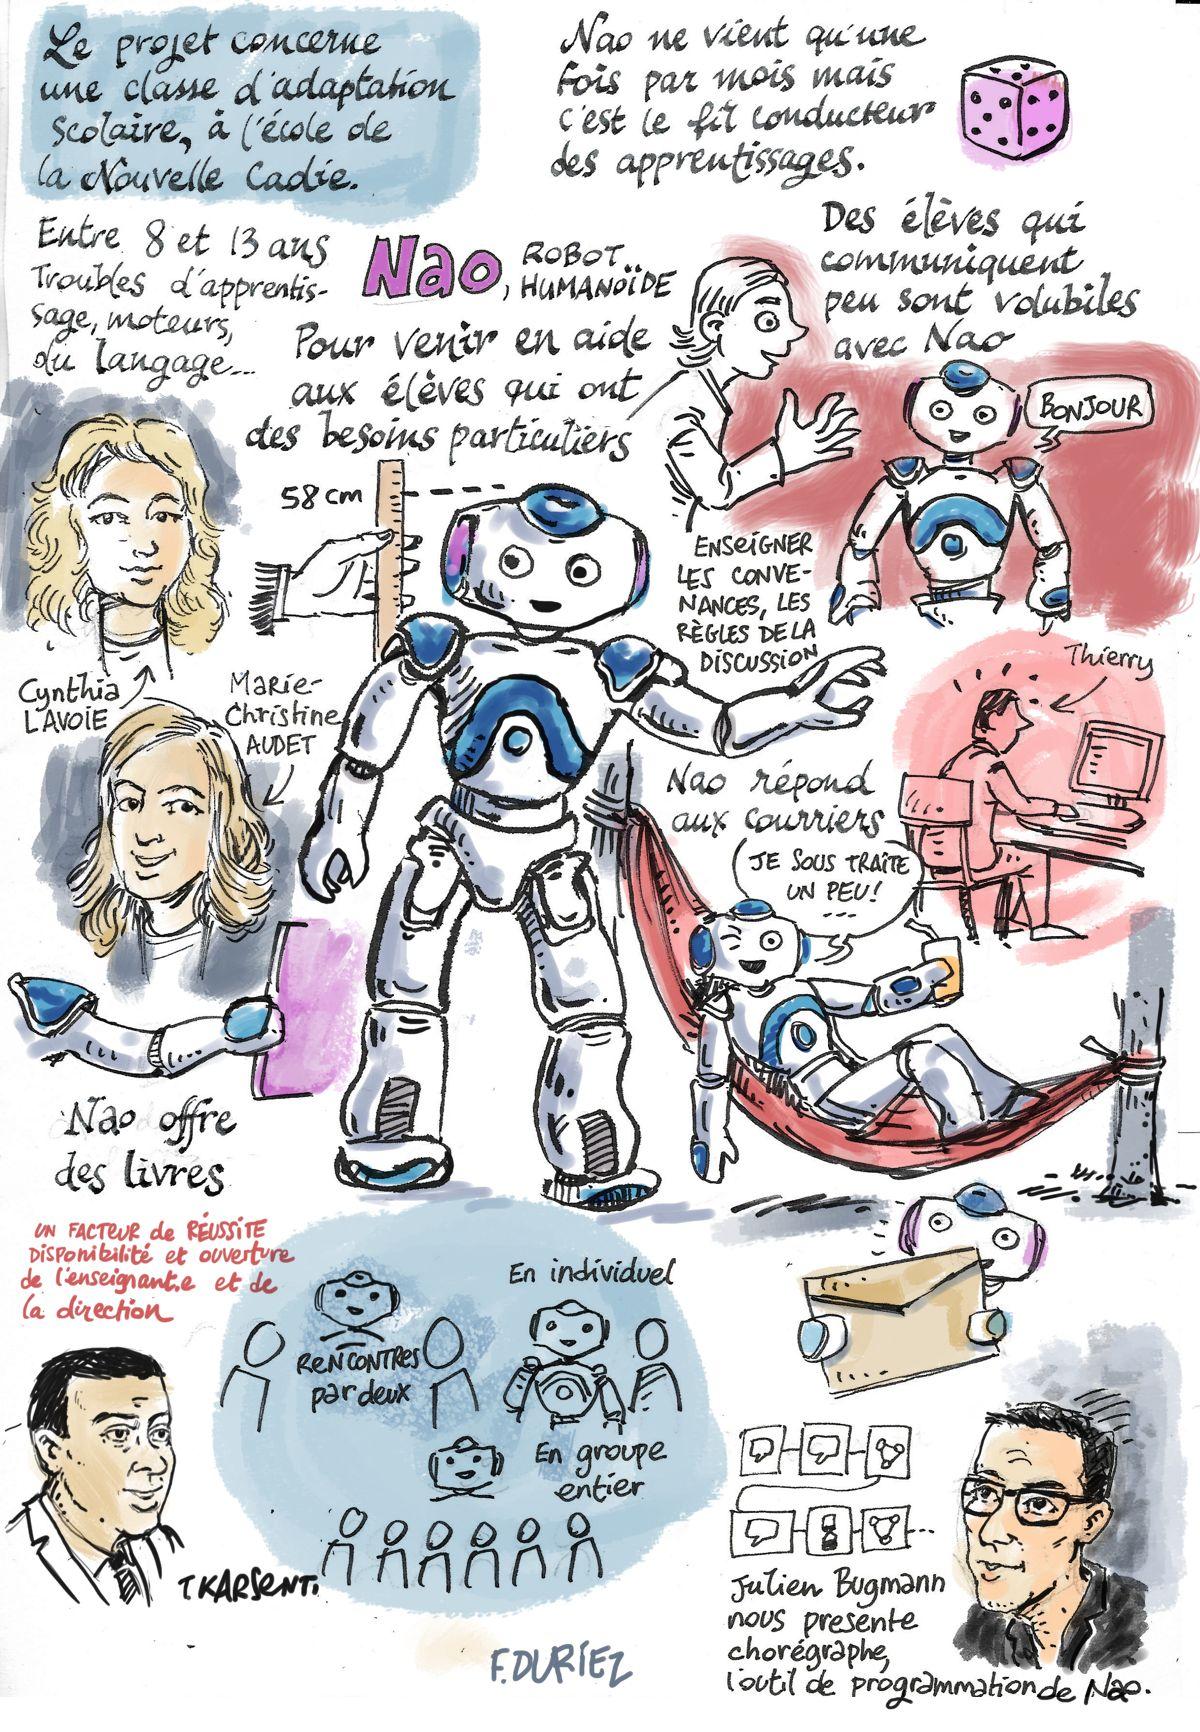 nao - robot humanoîde